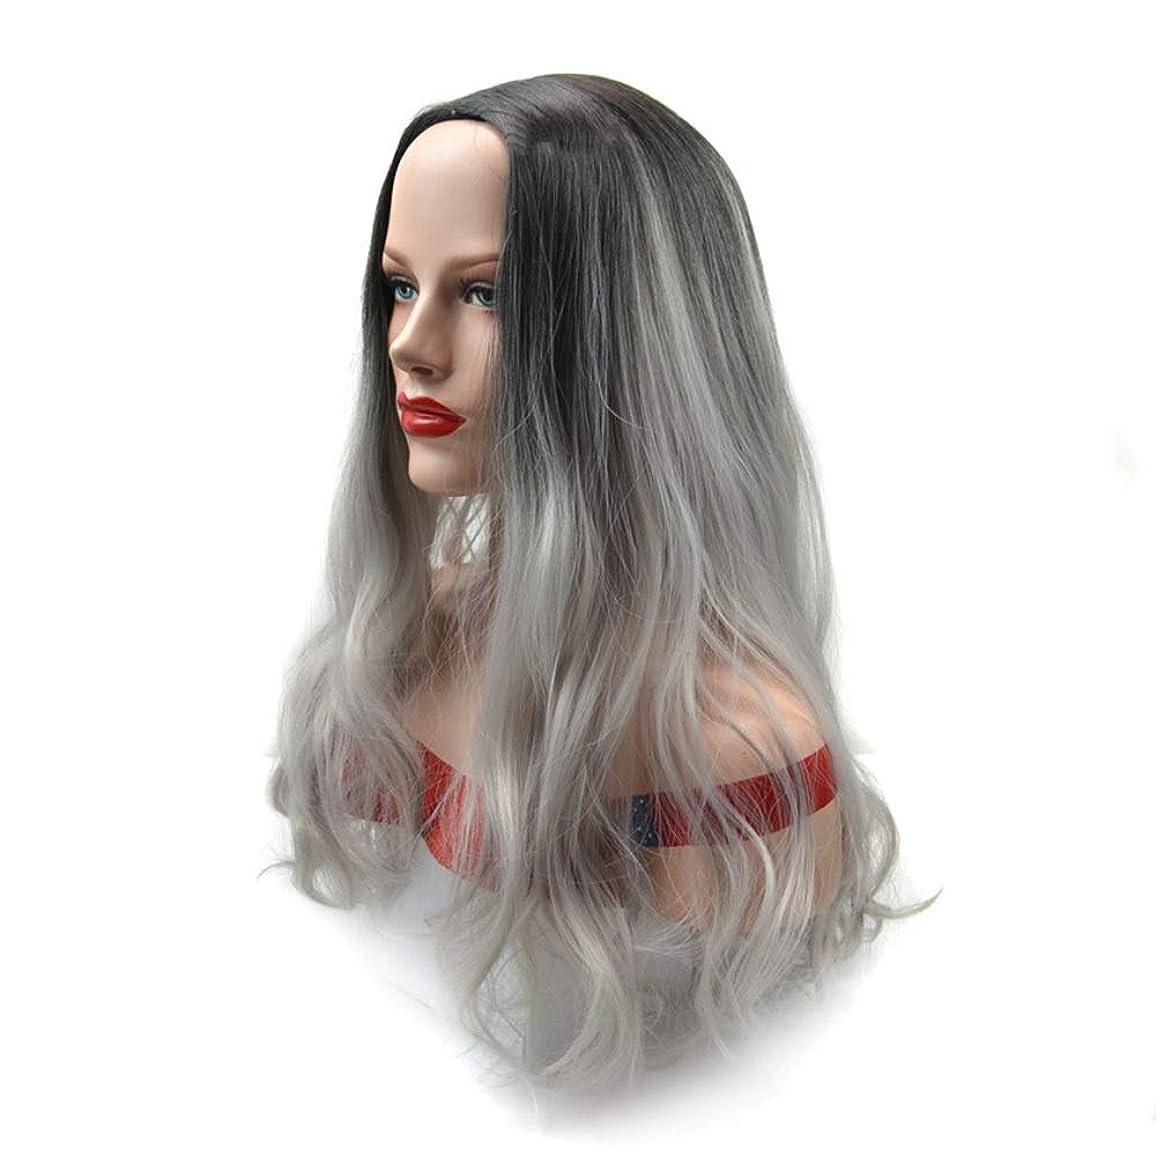 繁殖神経サラダHOHYLLYA 自然なおばあちゃんの灰のかつら黒の女性のパーティーのかつらのための長い巻き毛の合成かつら (色 : Grandma ash, サイズ : 60cm)